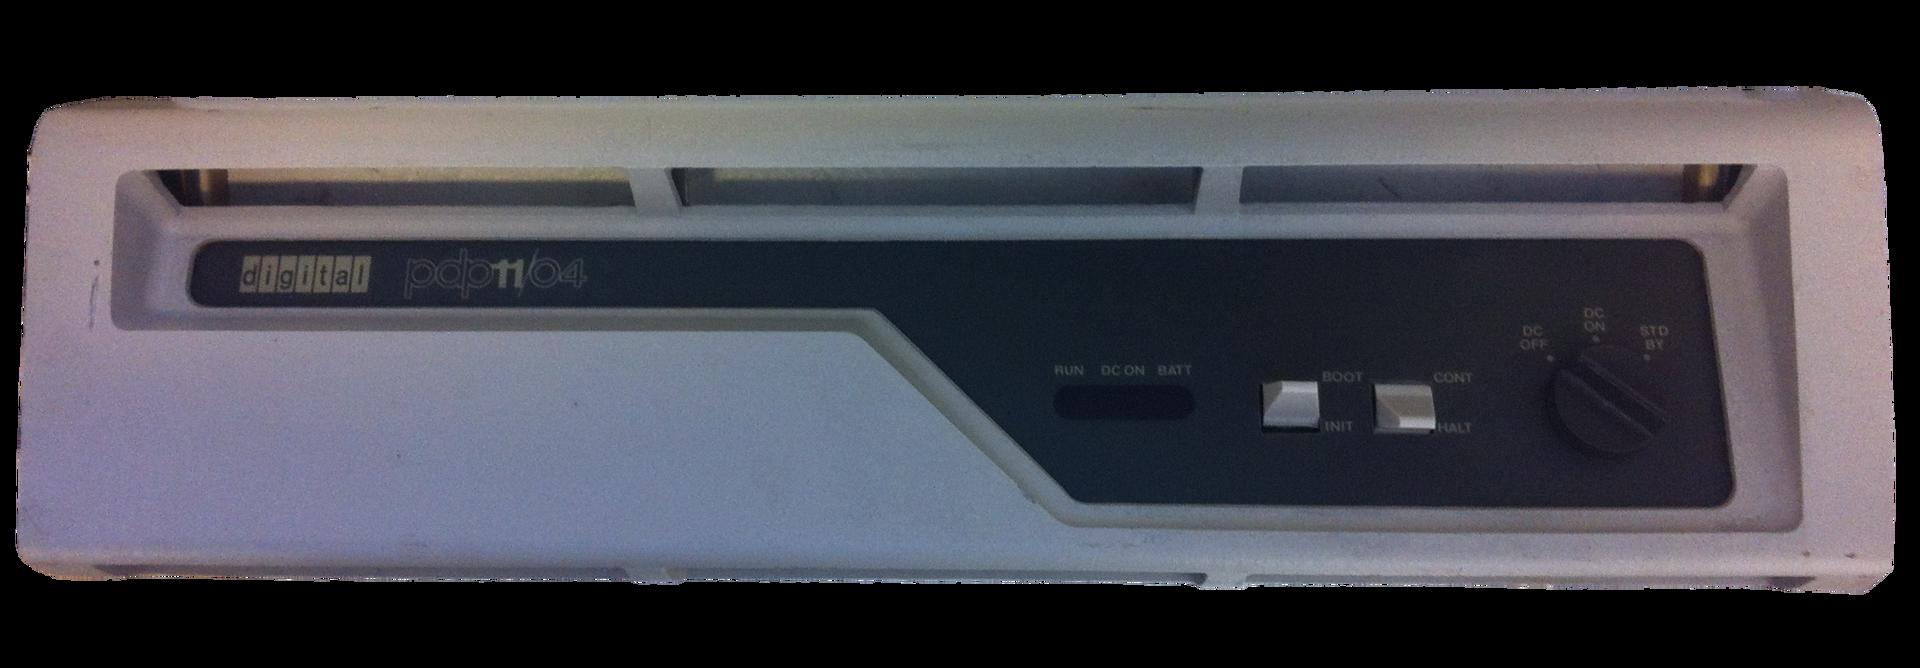 Восстановление PDP 11/04